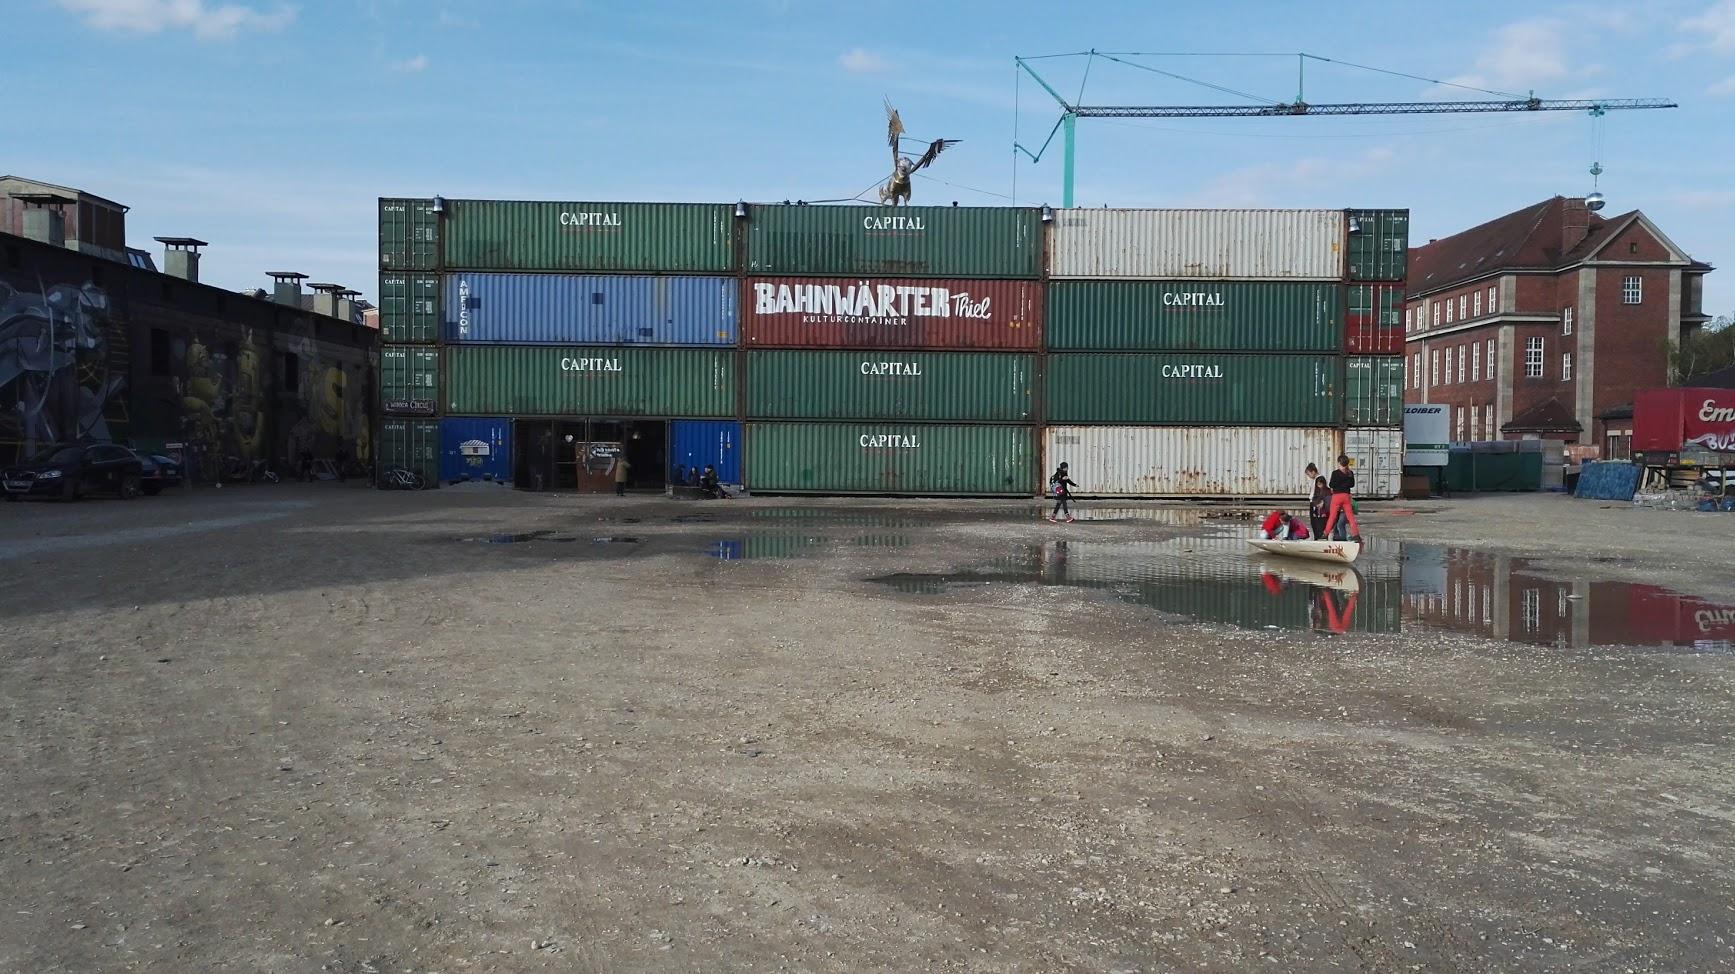 Die grosse Wand aus Containern der Veranstaltung von bAHNWEARTER-THIEL-MUENCHEN-KRANWAERTER-VIEHHOF-2017